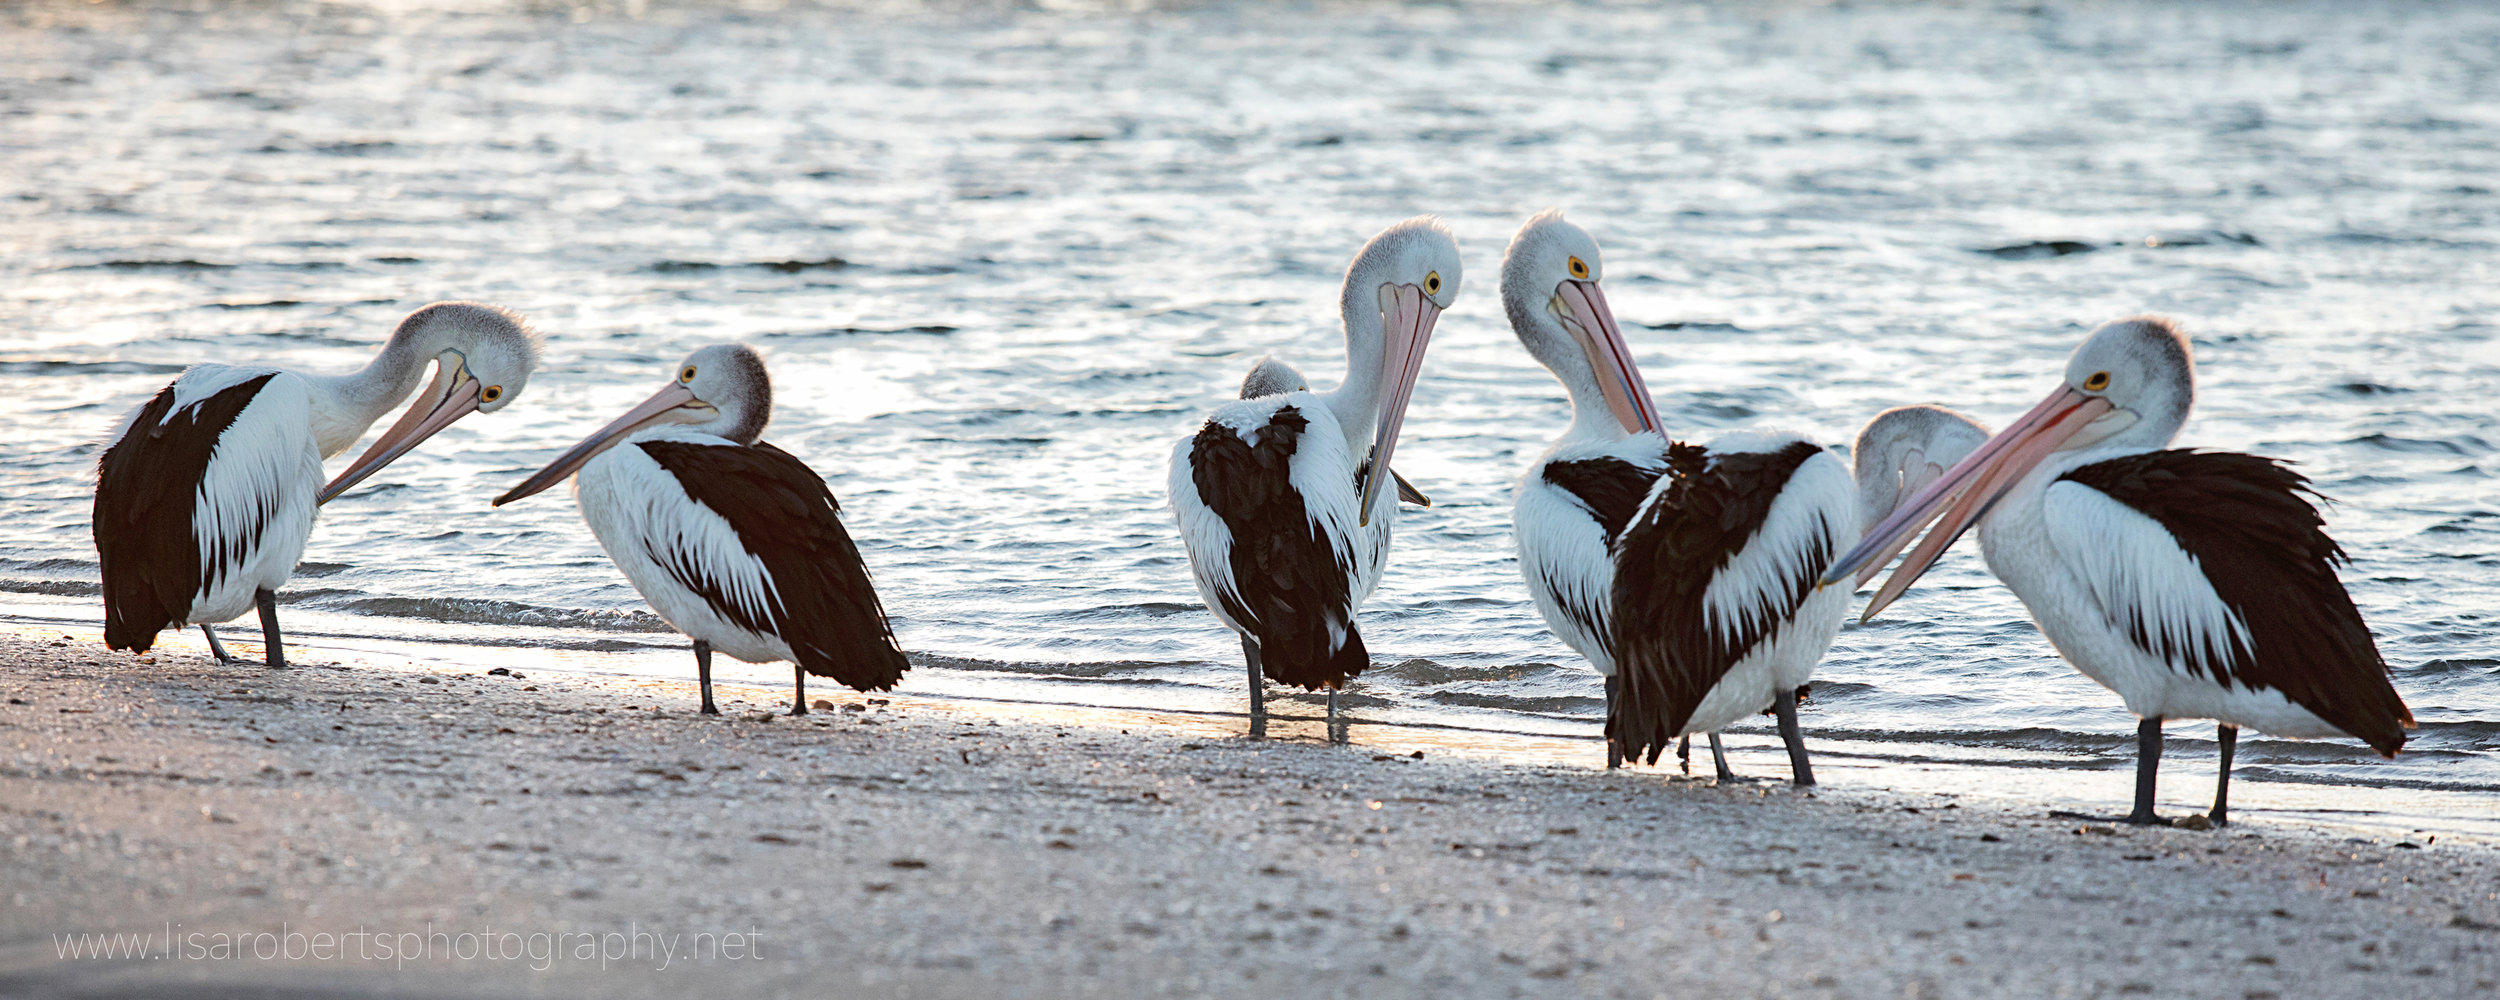 Pelicans preening, Smoky Bay, South Australia